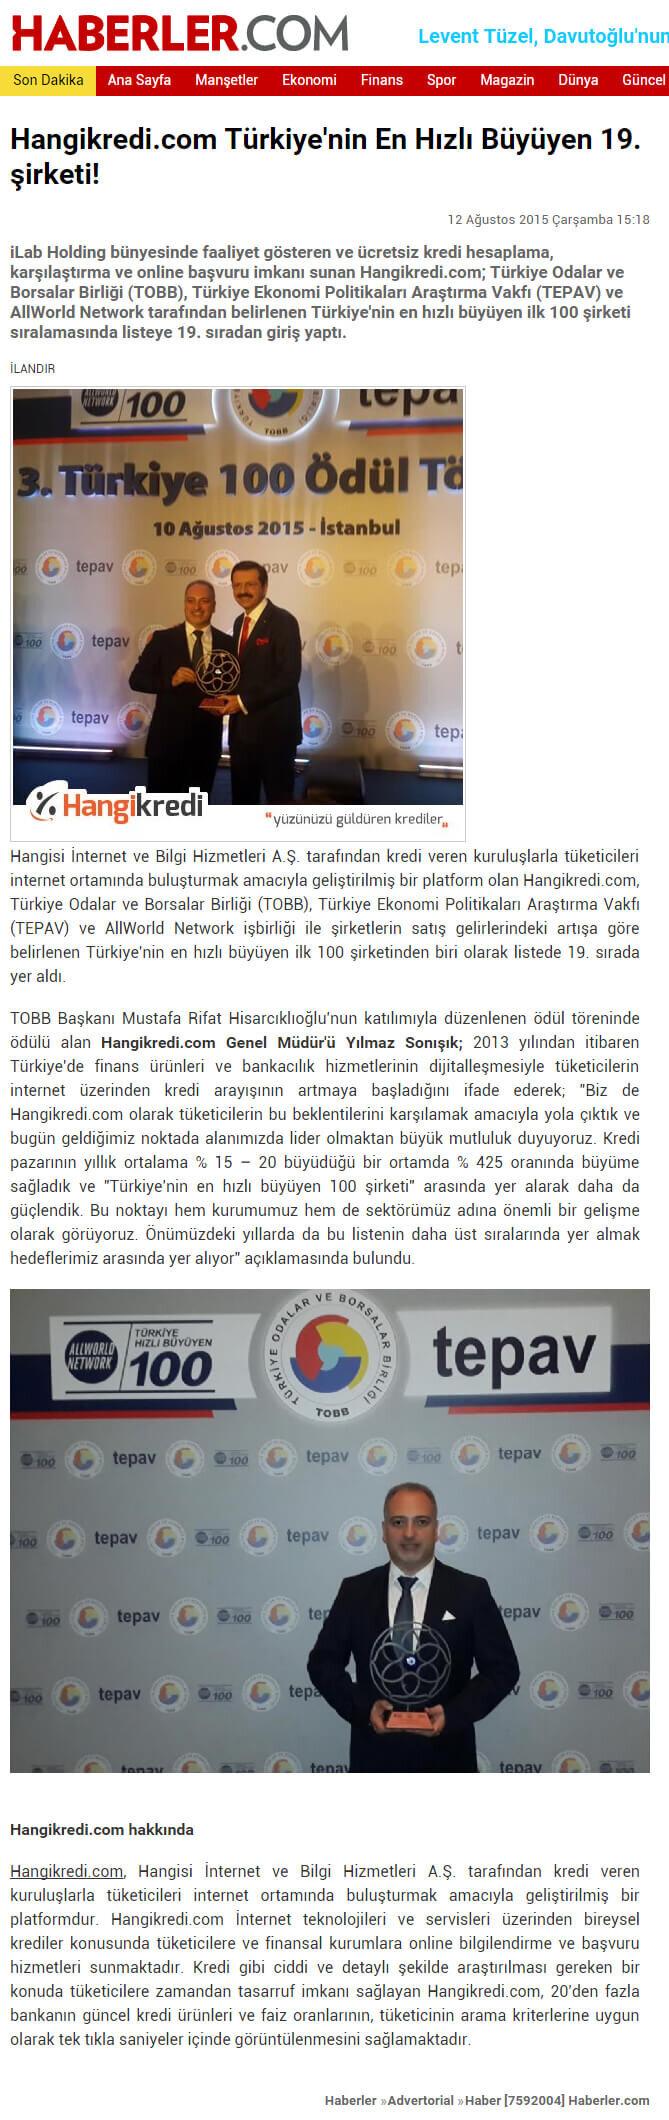 Basında Hangikredi.com 32